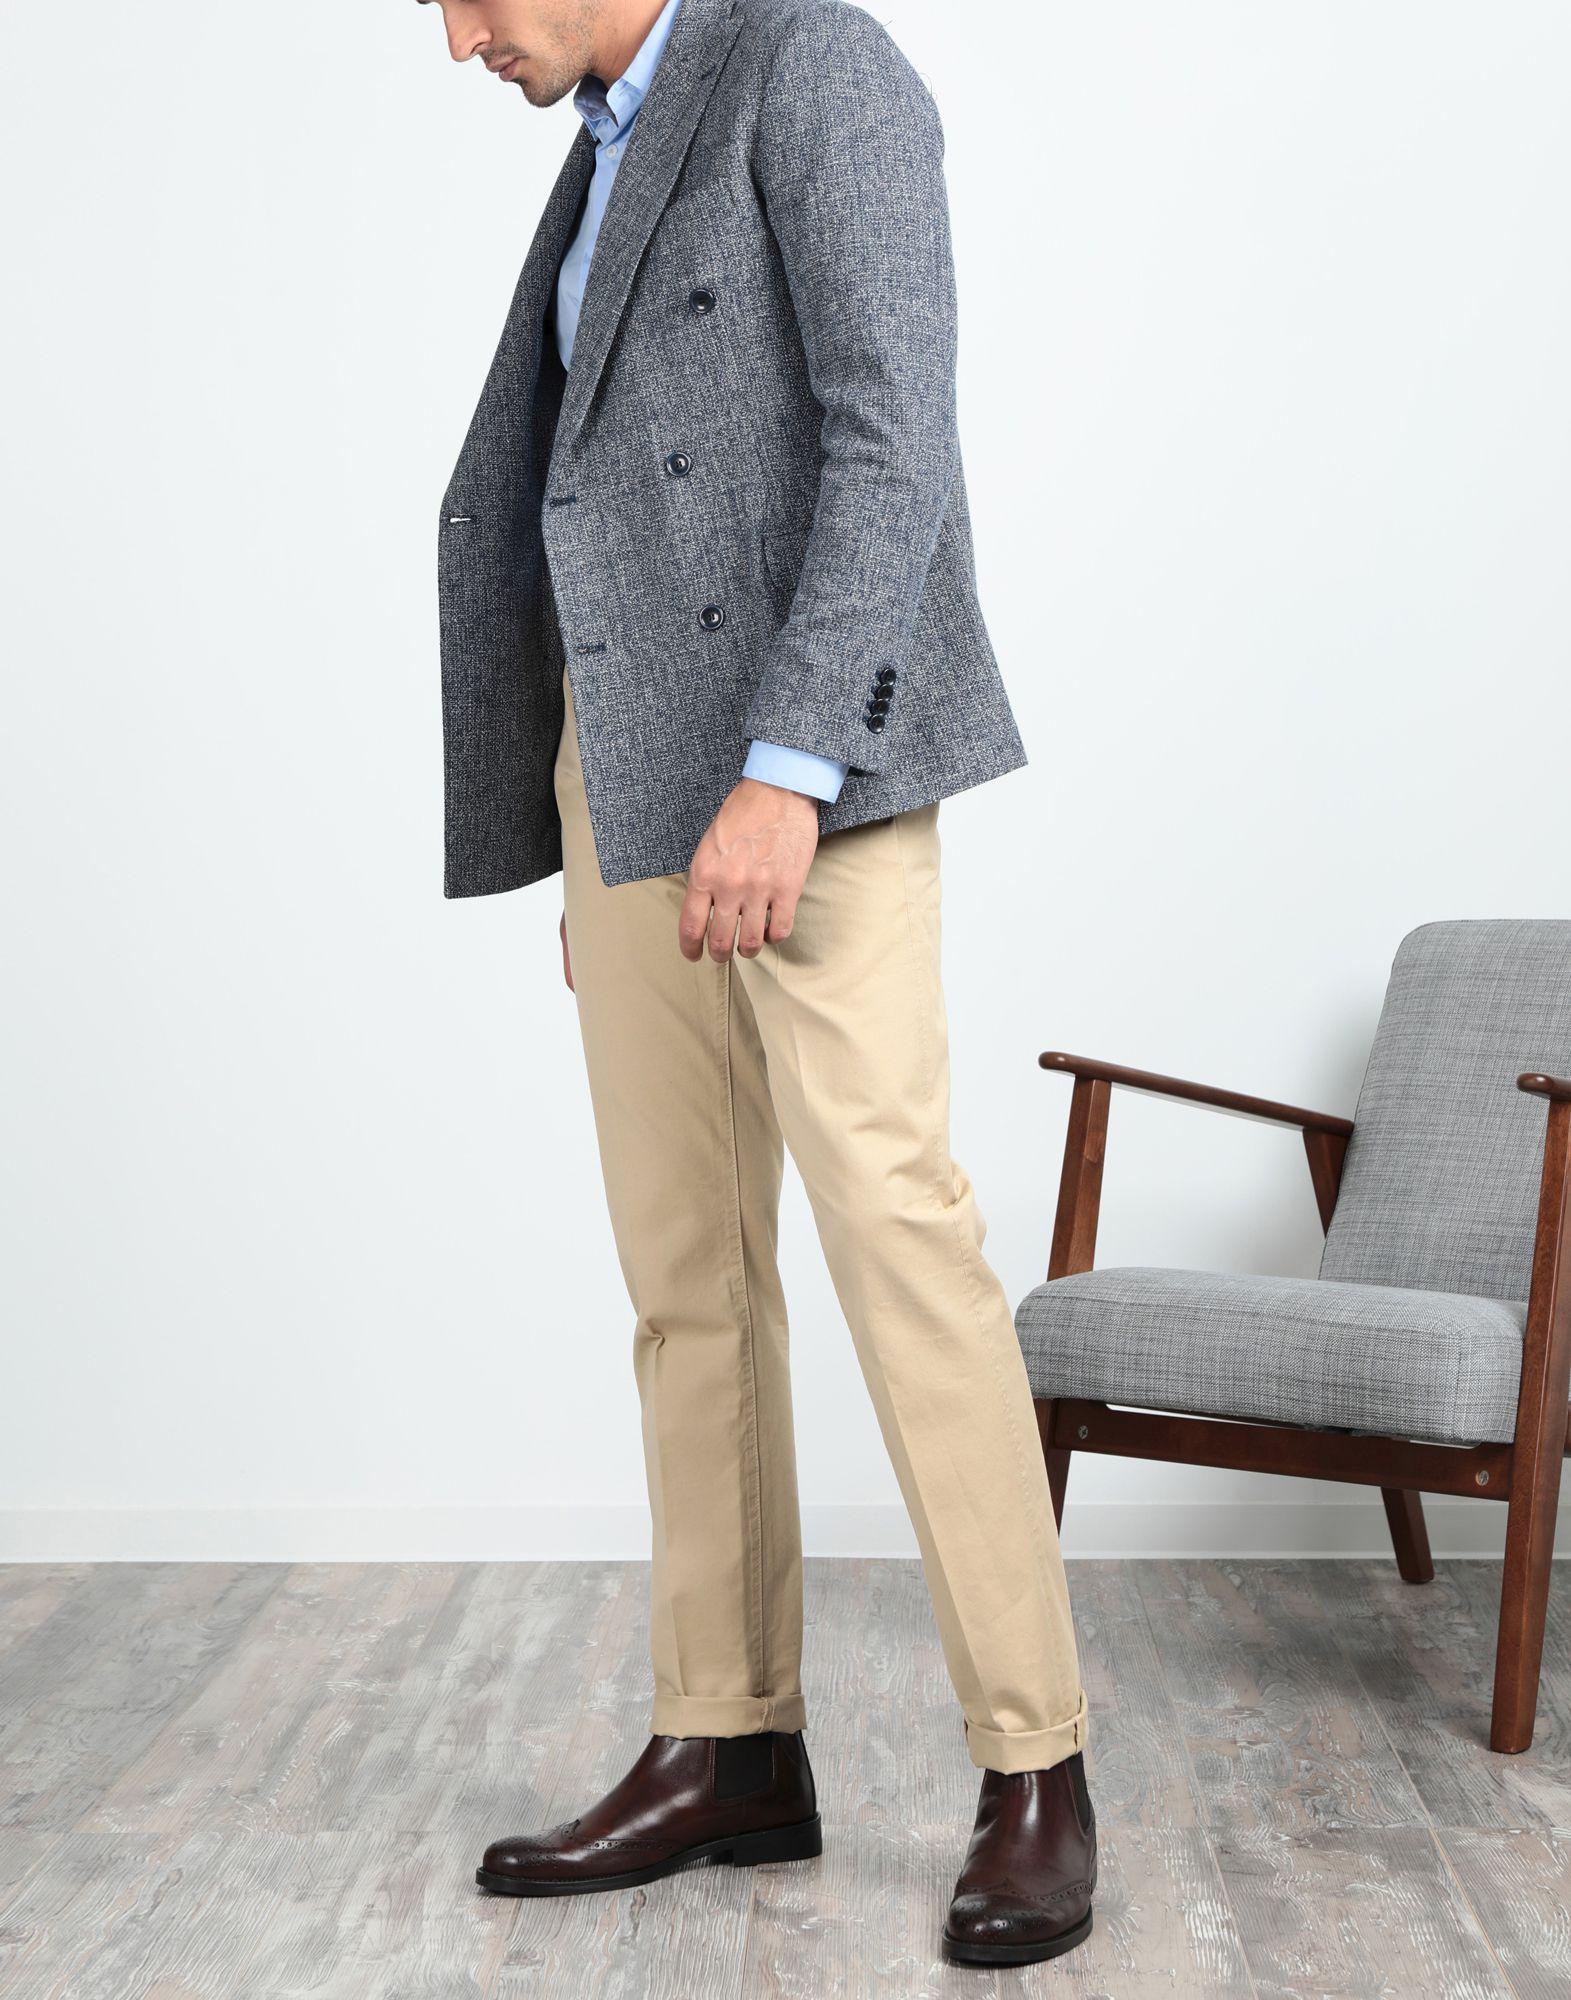 Leonardo Principi Stiefelette Herren  11509749PK Gute Qualität beliebte Schuhe Schuhe beliebte 427382